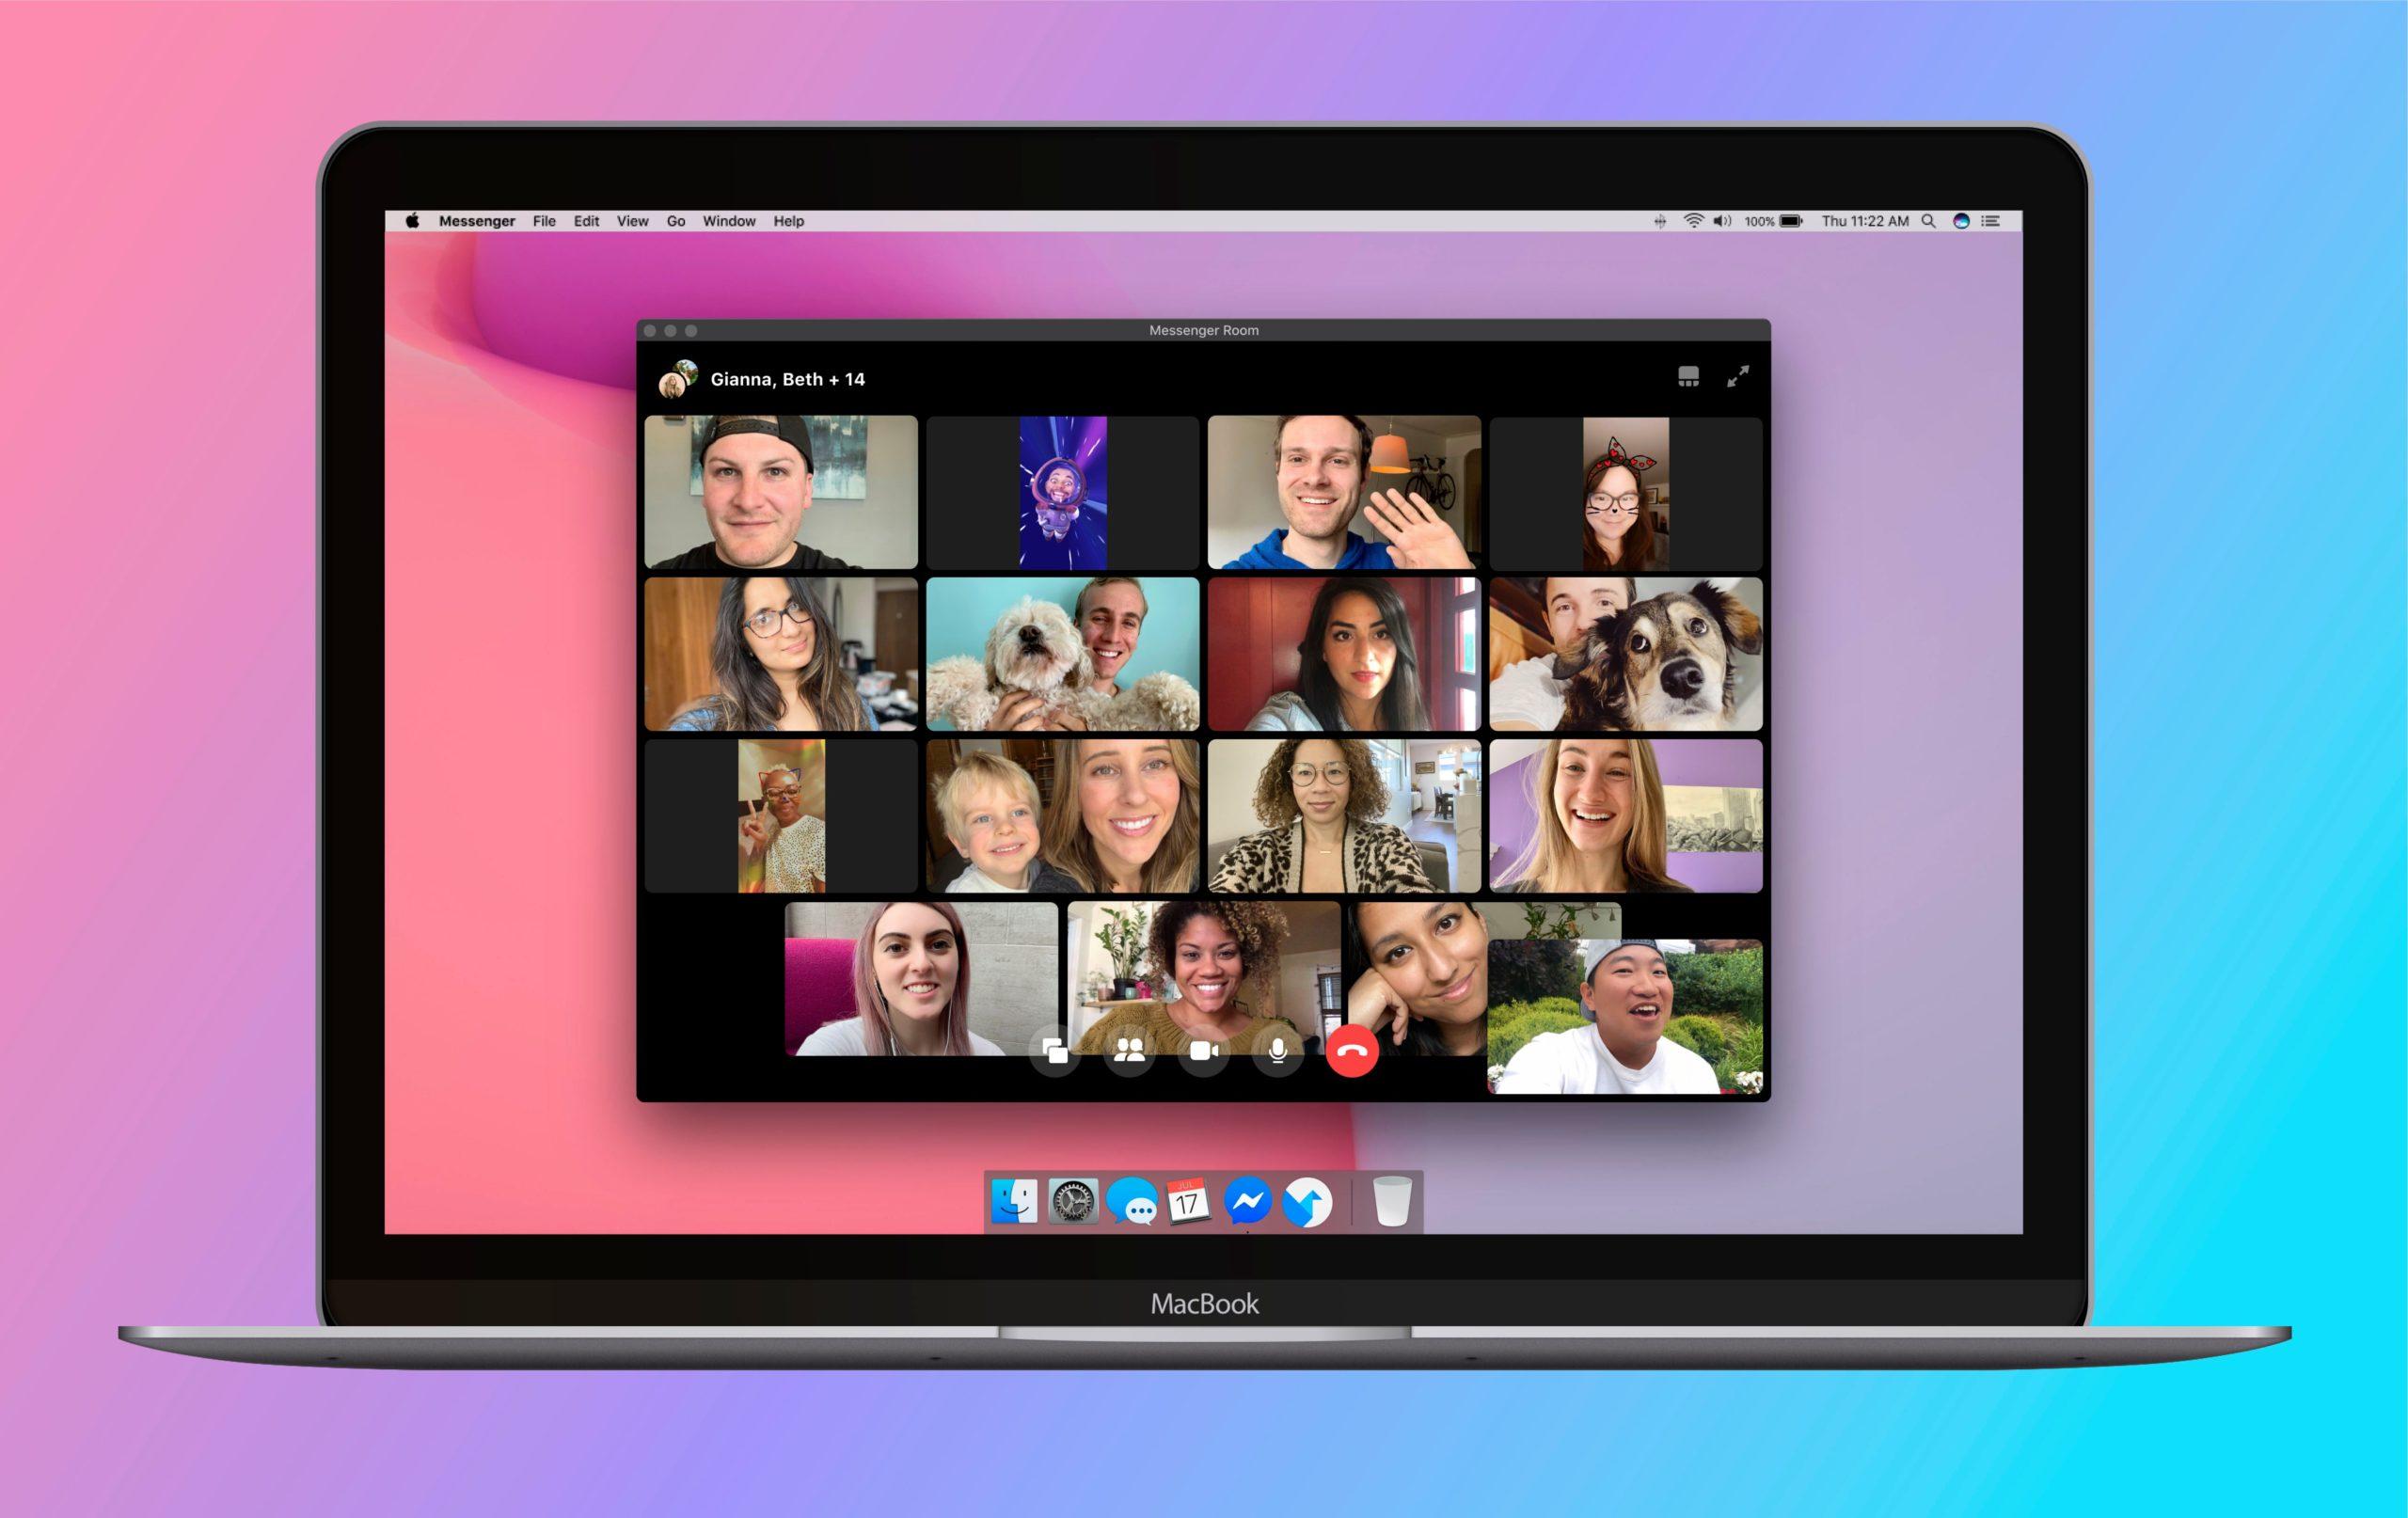 L'interface de Messenger Rooms avec des personnes en visioconférence.